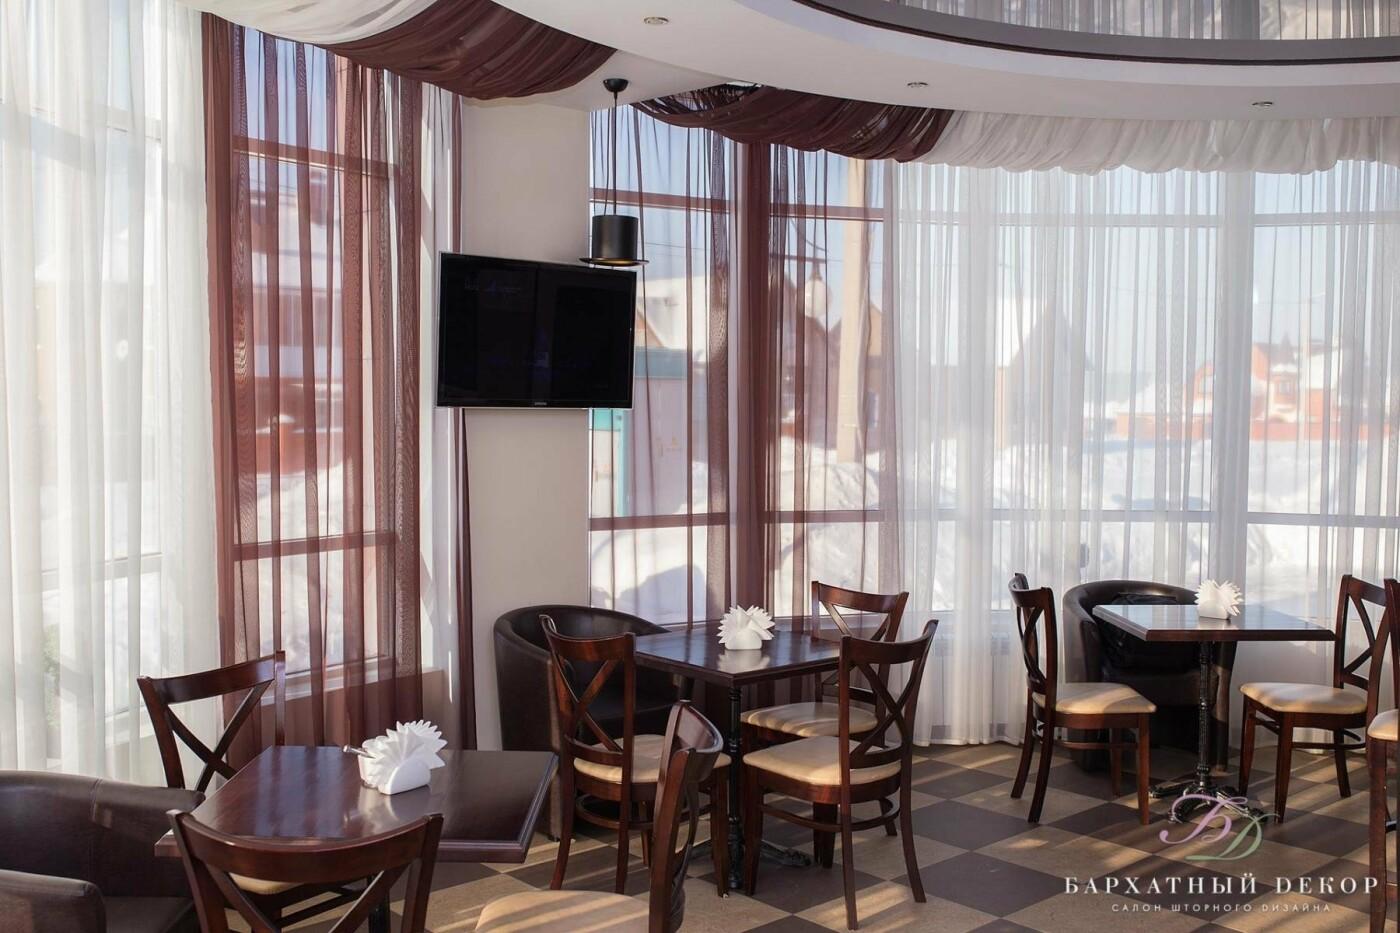 Хочу новые шторы — с чего начать? Отвечаем с салоном «Бархатный декор», фото-7